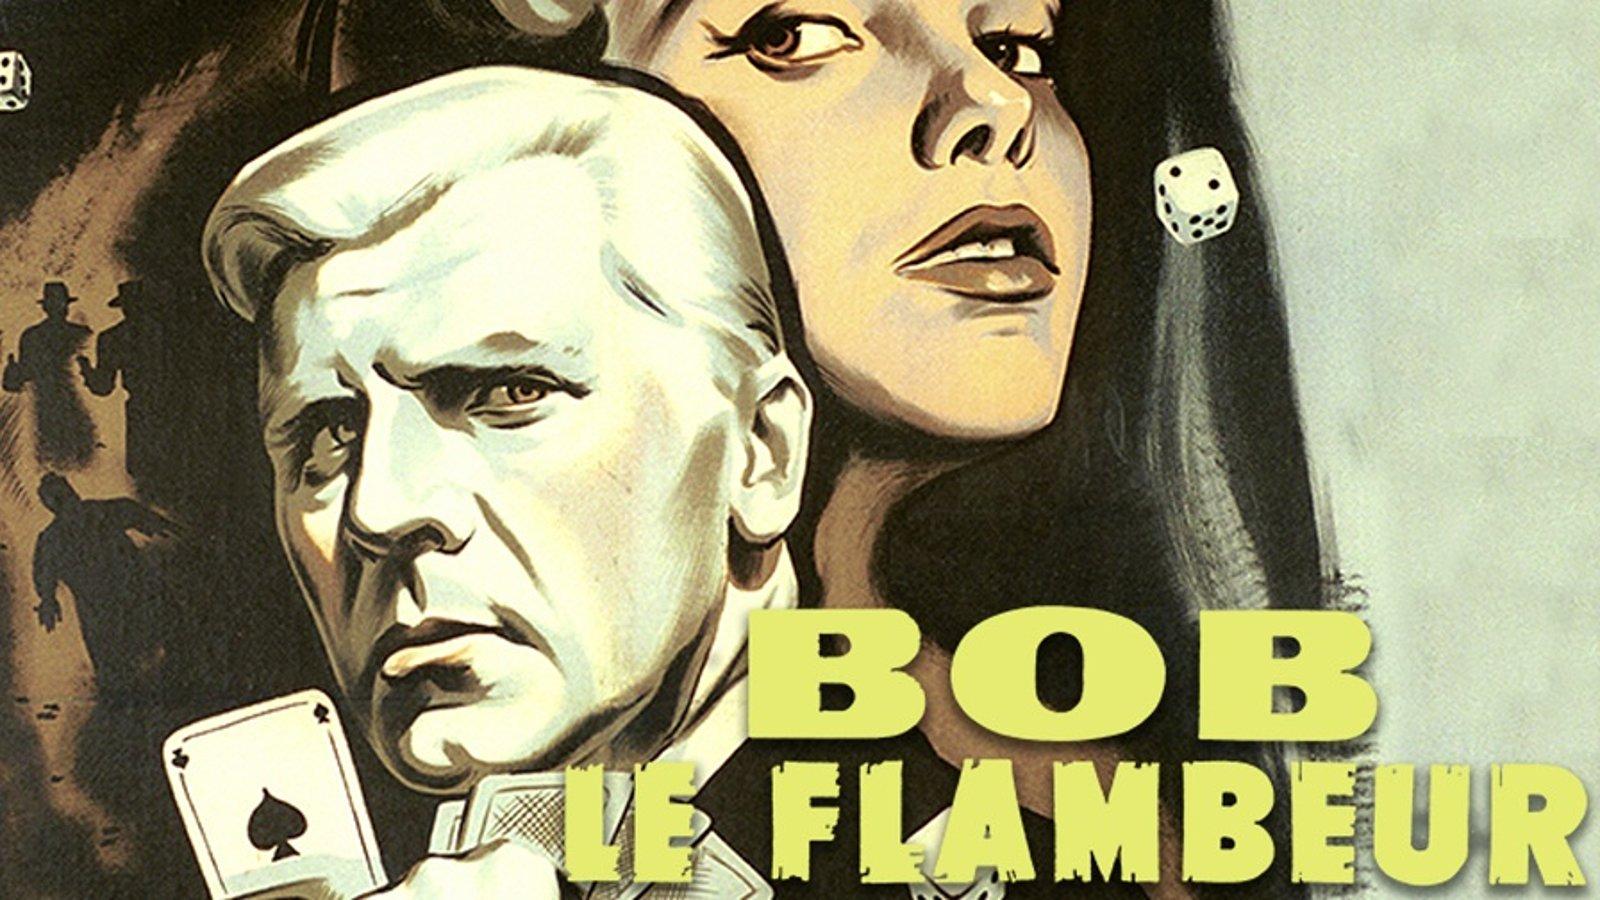 Bob the Gambler - Bob le Flambeur